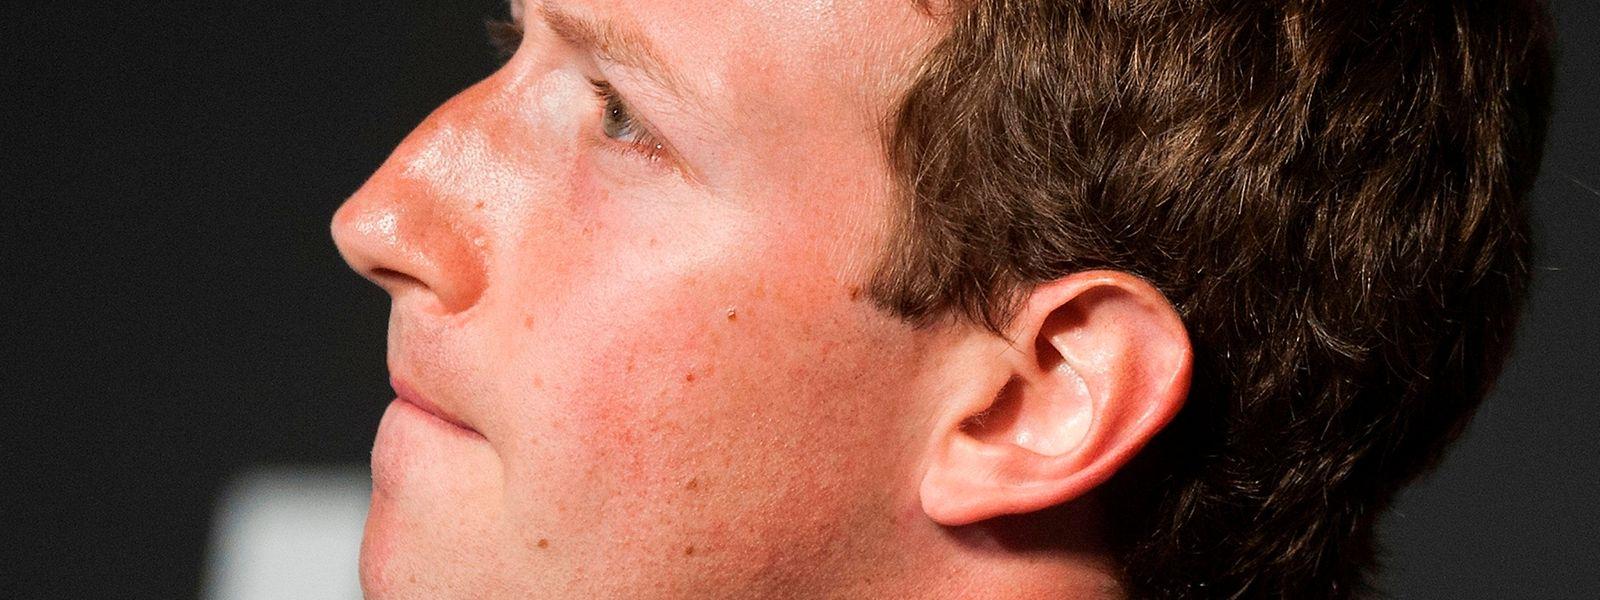 Wird Mark Zuckerberg das Vertrauen seiner Nutzer zurückgewinnen?